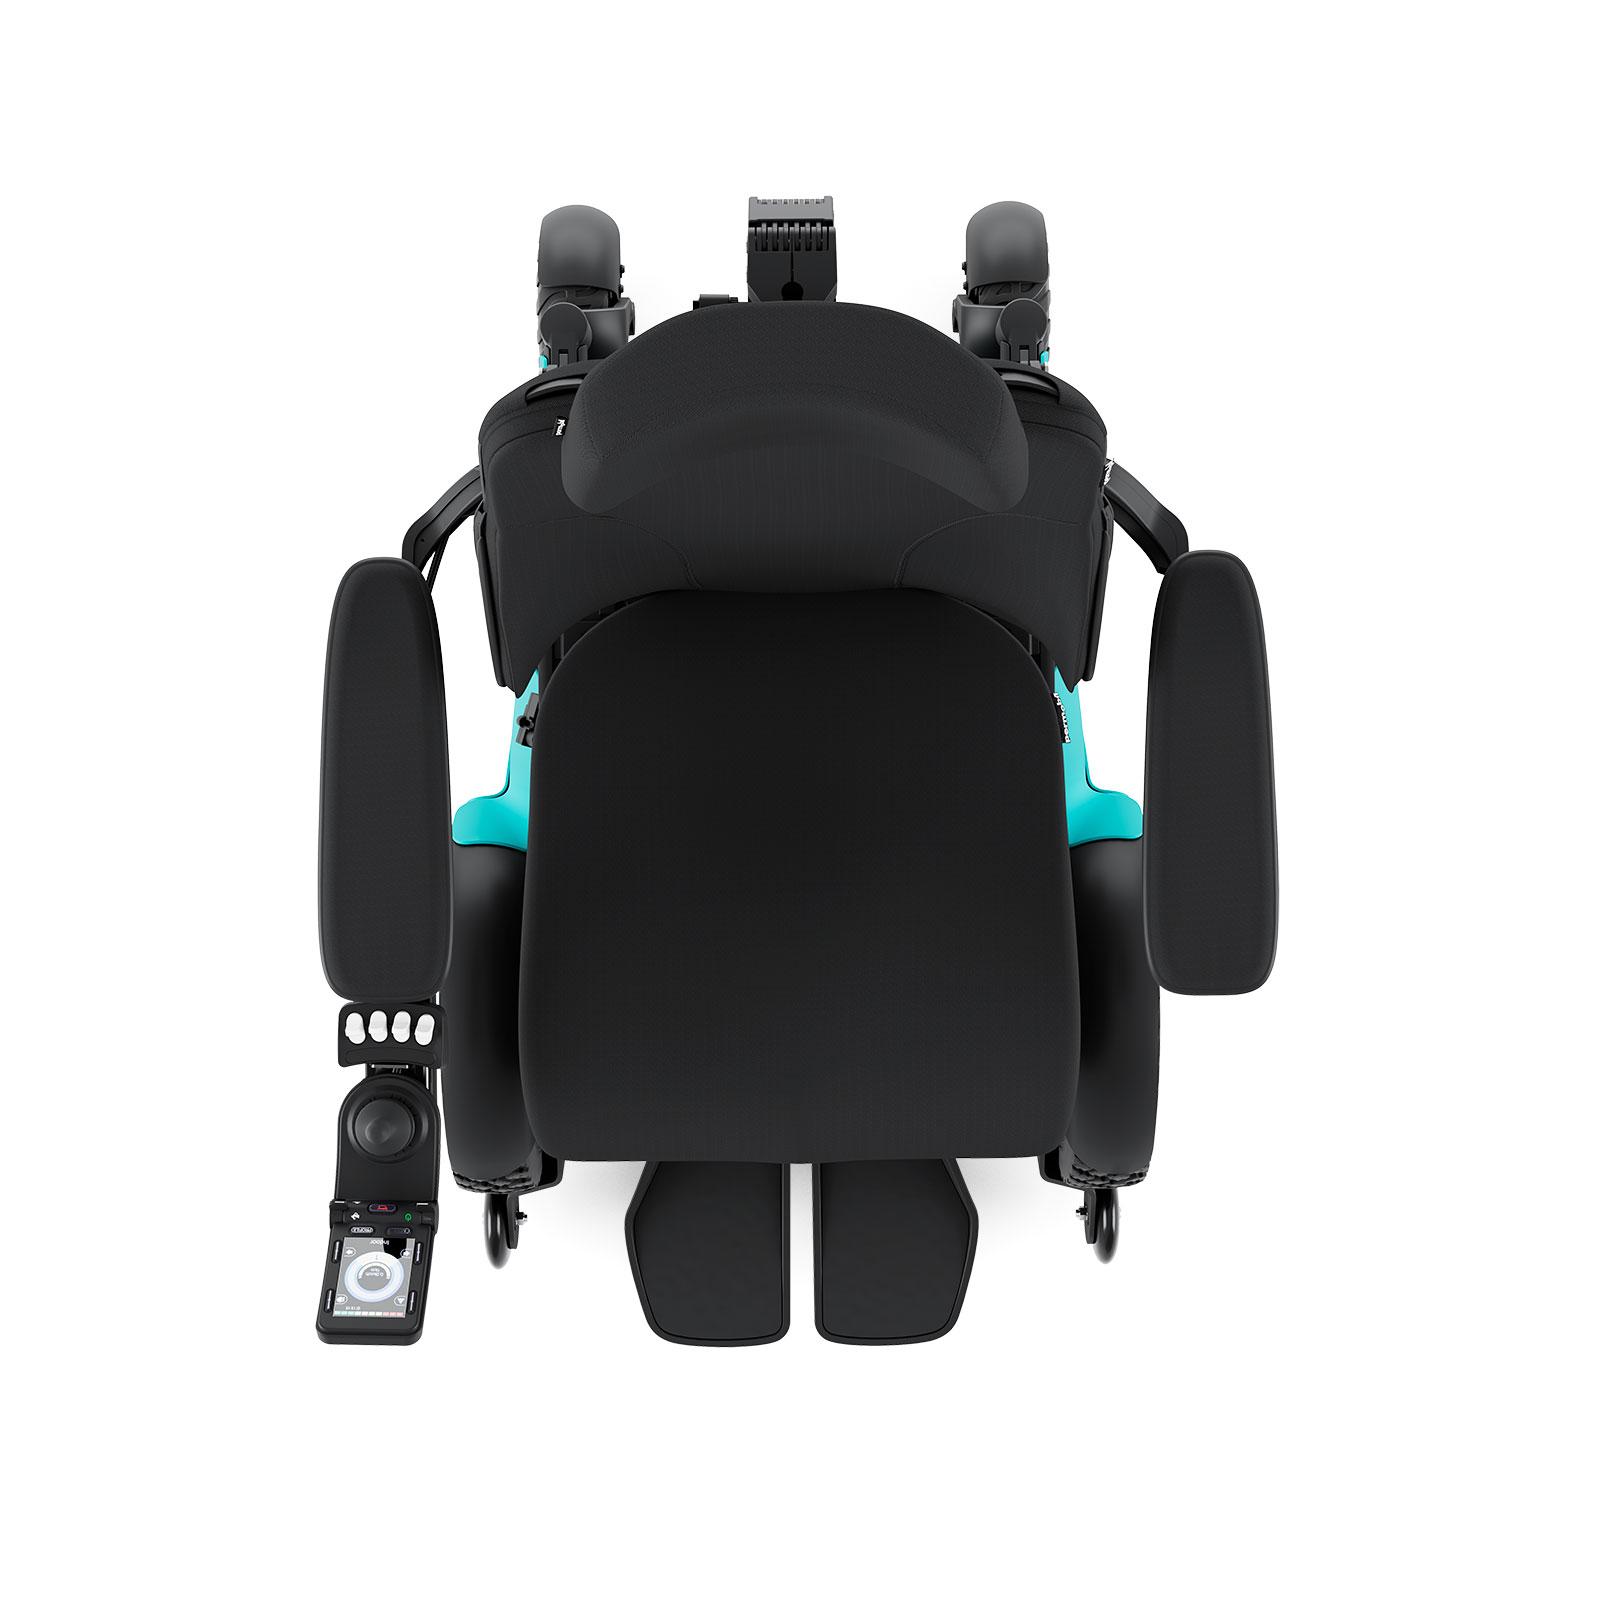 f5 corpus outdoor/indoor powerchair in aqua blue